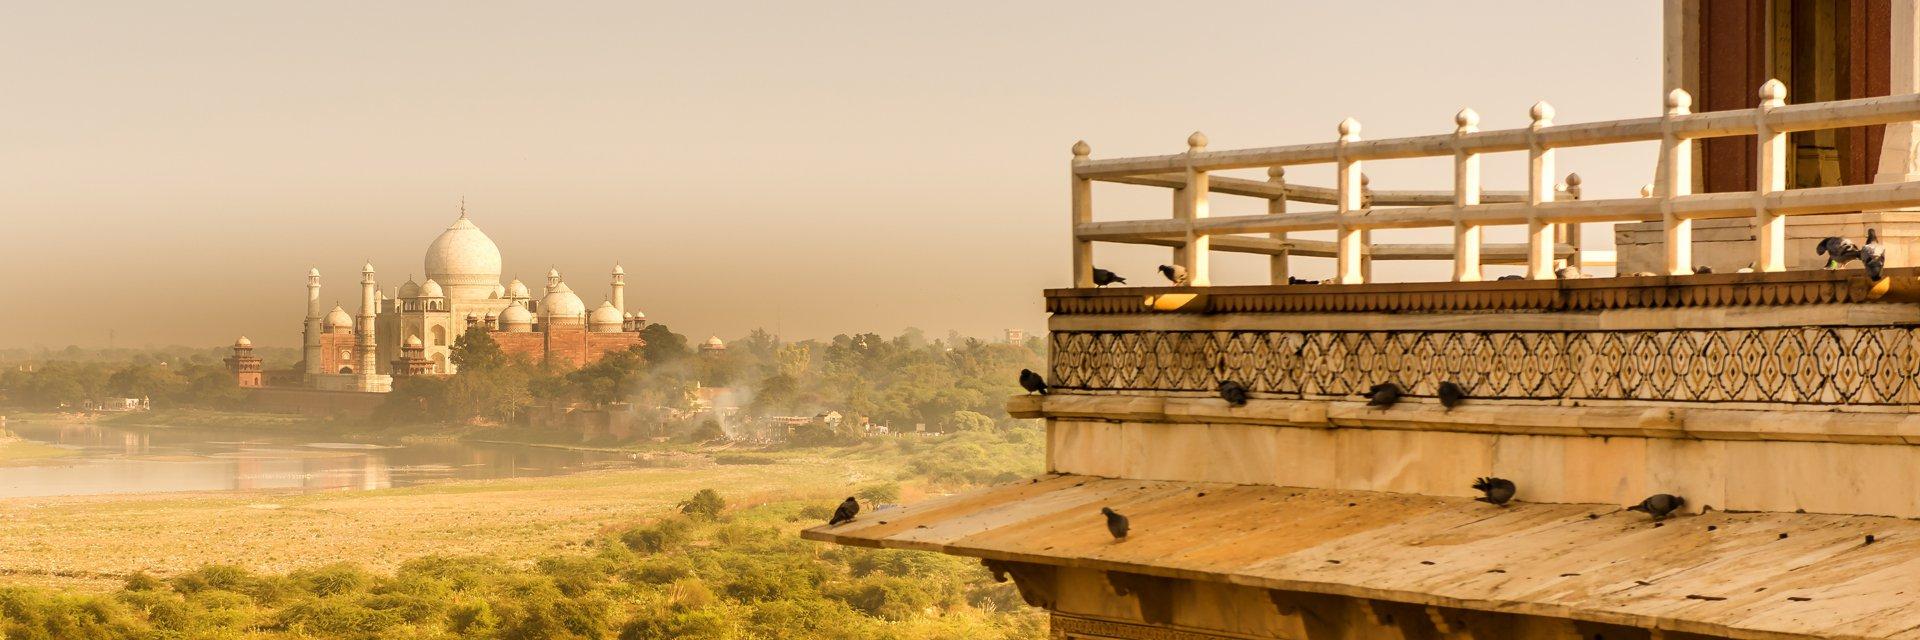 Туры в Индию 2020, путевки из Москвы - цены на отдых в Индии - ПАКС